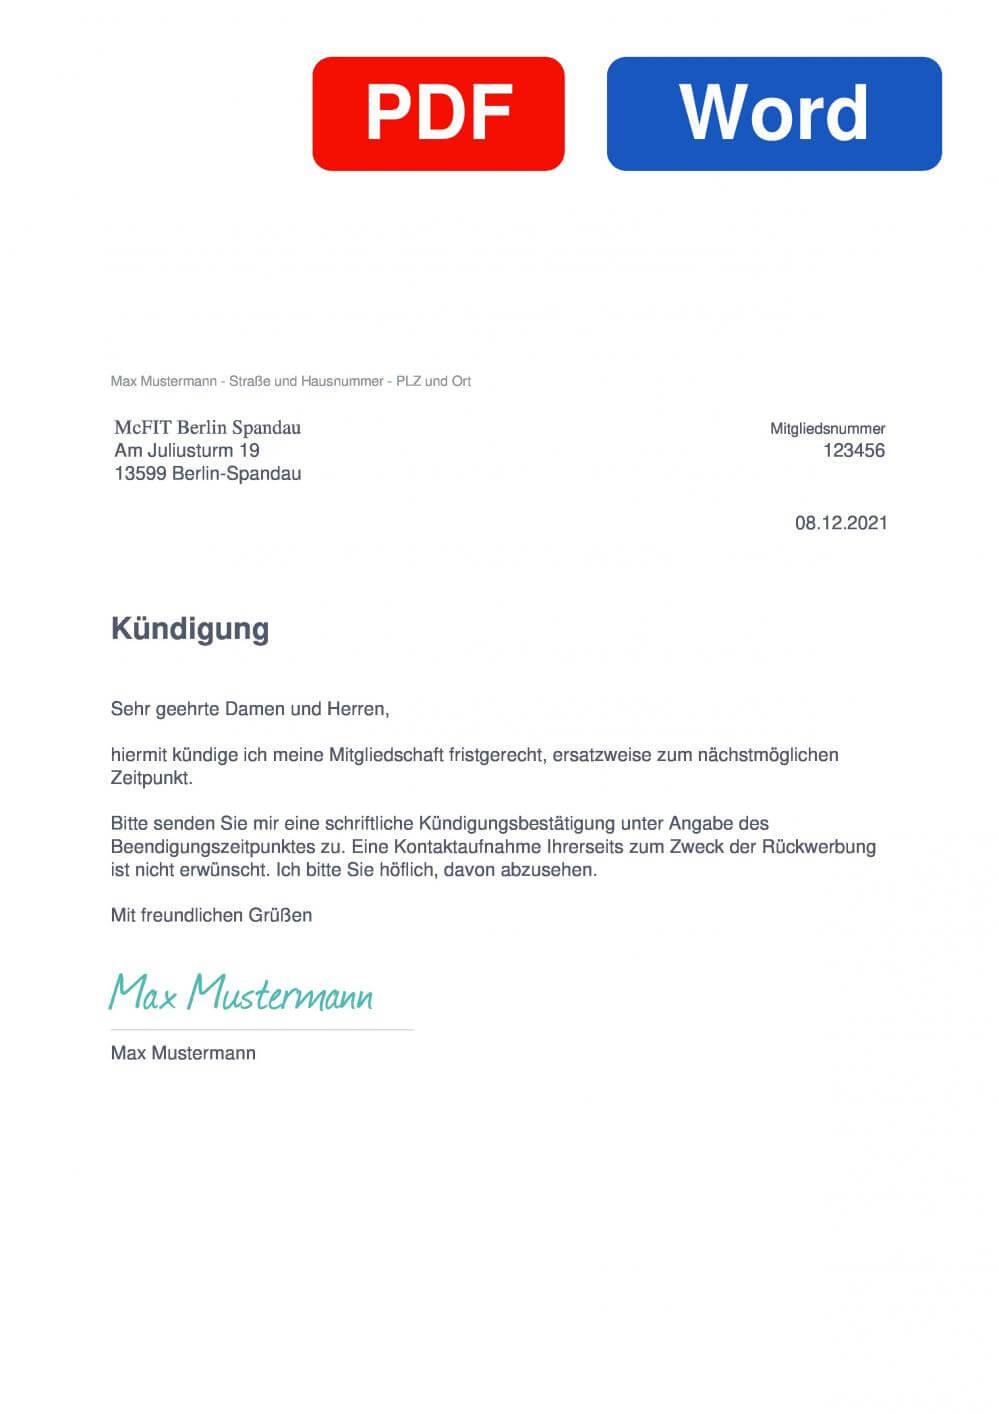 McFIT Berlin-Spandau Muster Vorlage für Kündigungsschreiben